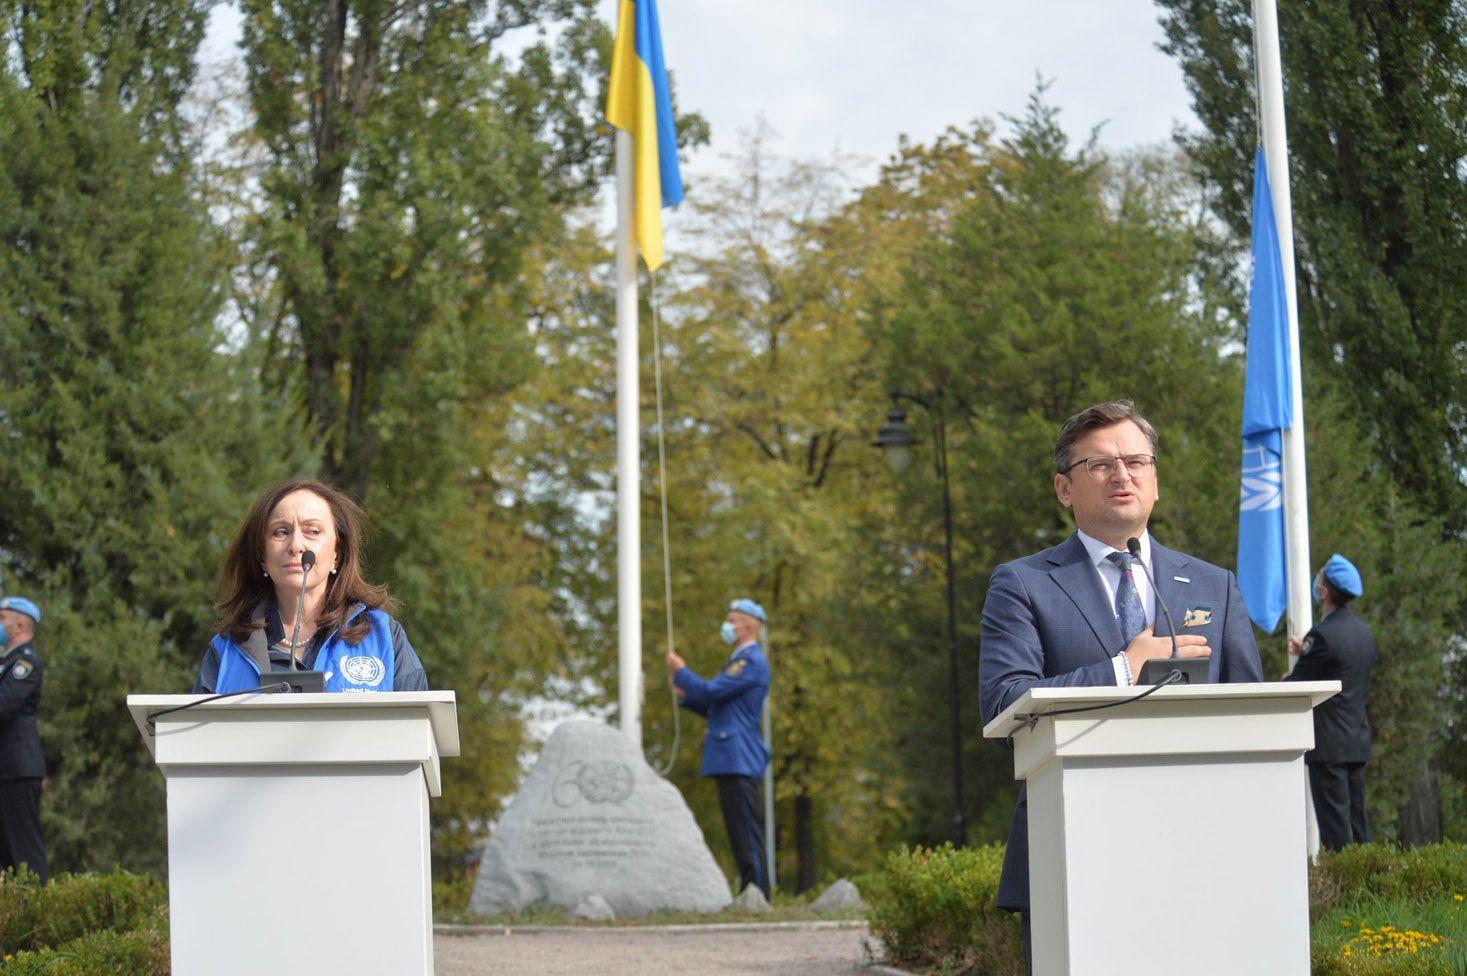 В Наводницком парке состоялась торжественная церемония поднятия флага ООН